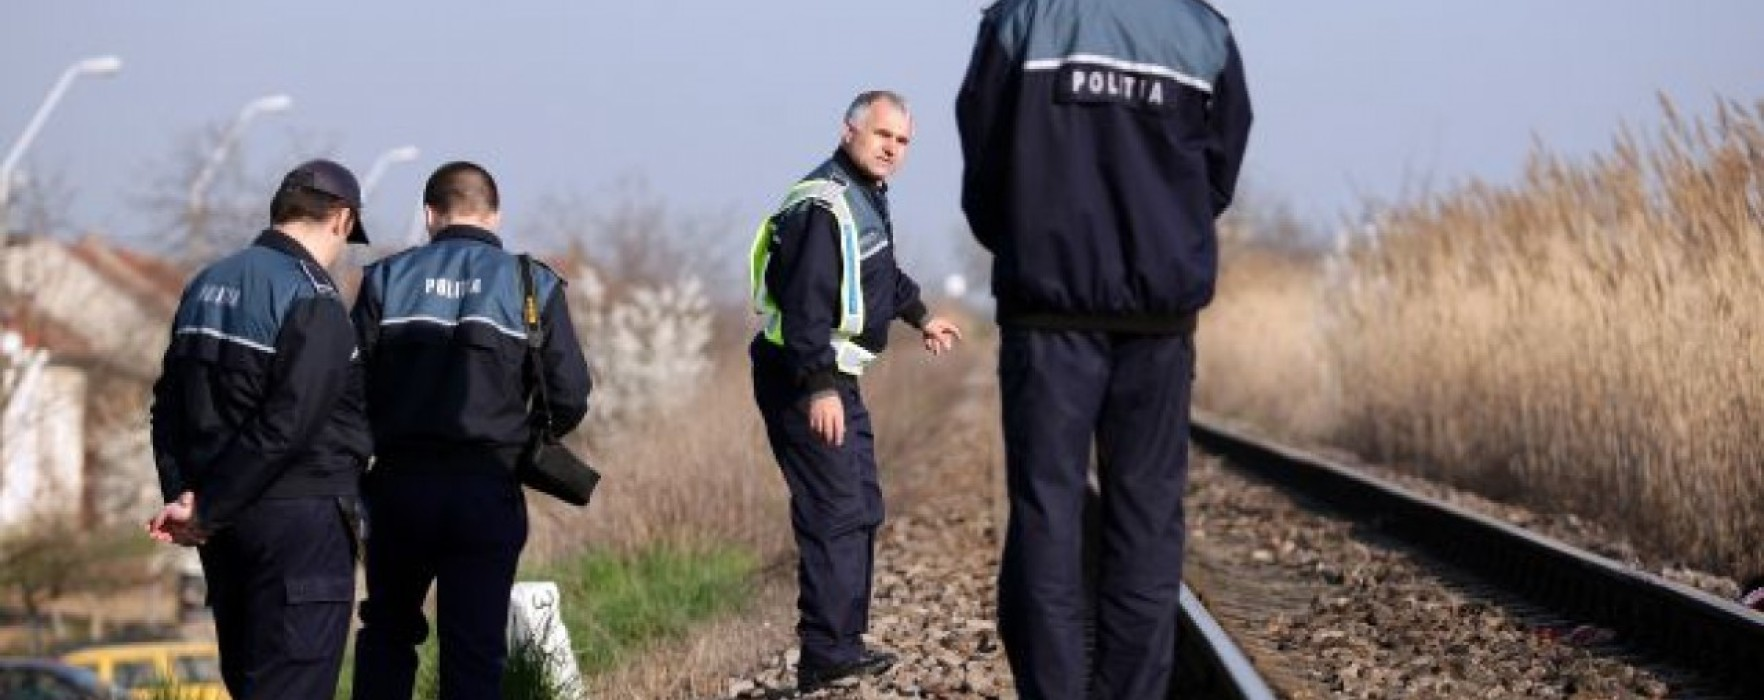 Dâmboviţa: Maşină lovită de tren la Hagioaica, două persoane rănite